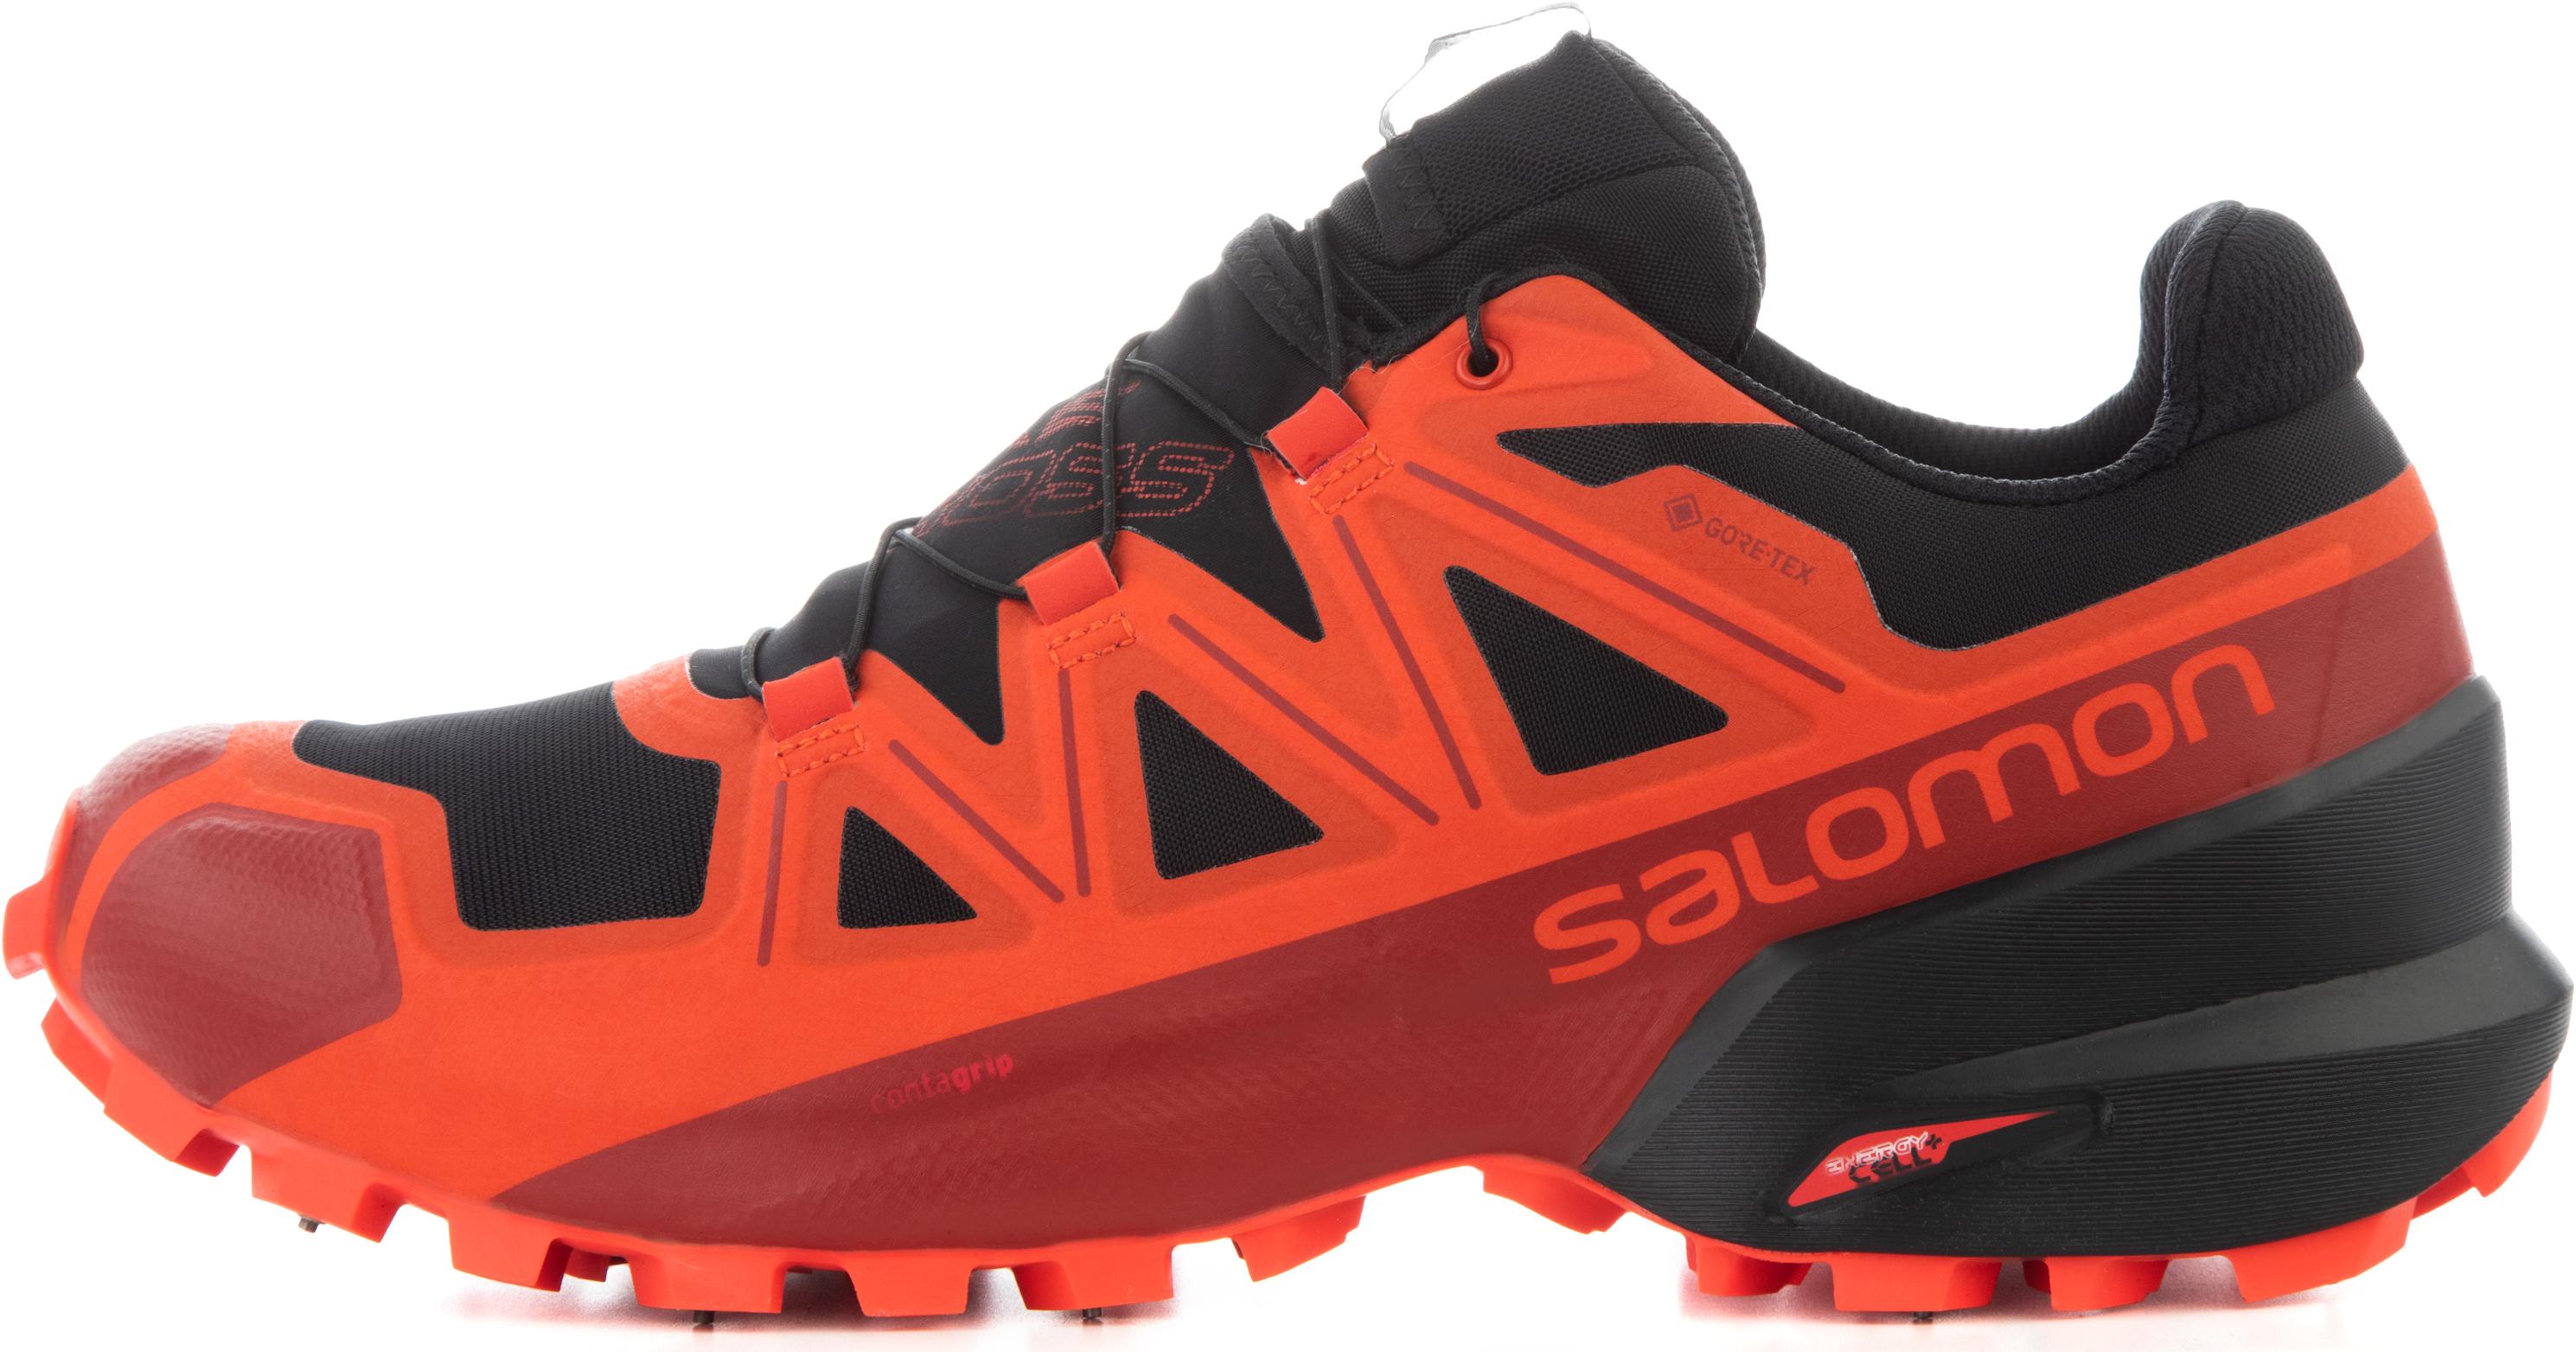 Salomon Кроссовки мужские Salomon Spikecross 5, размер 42